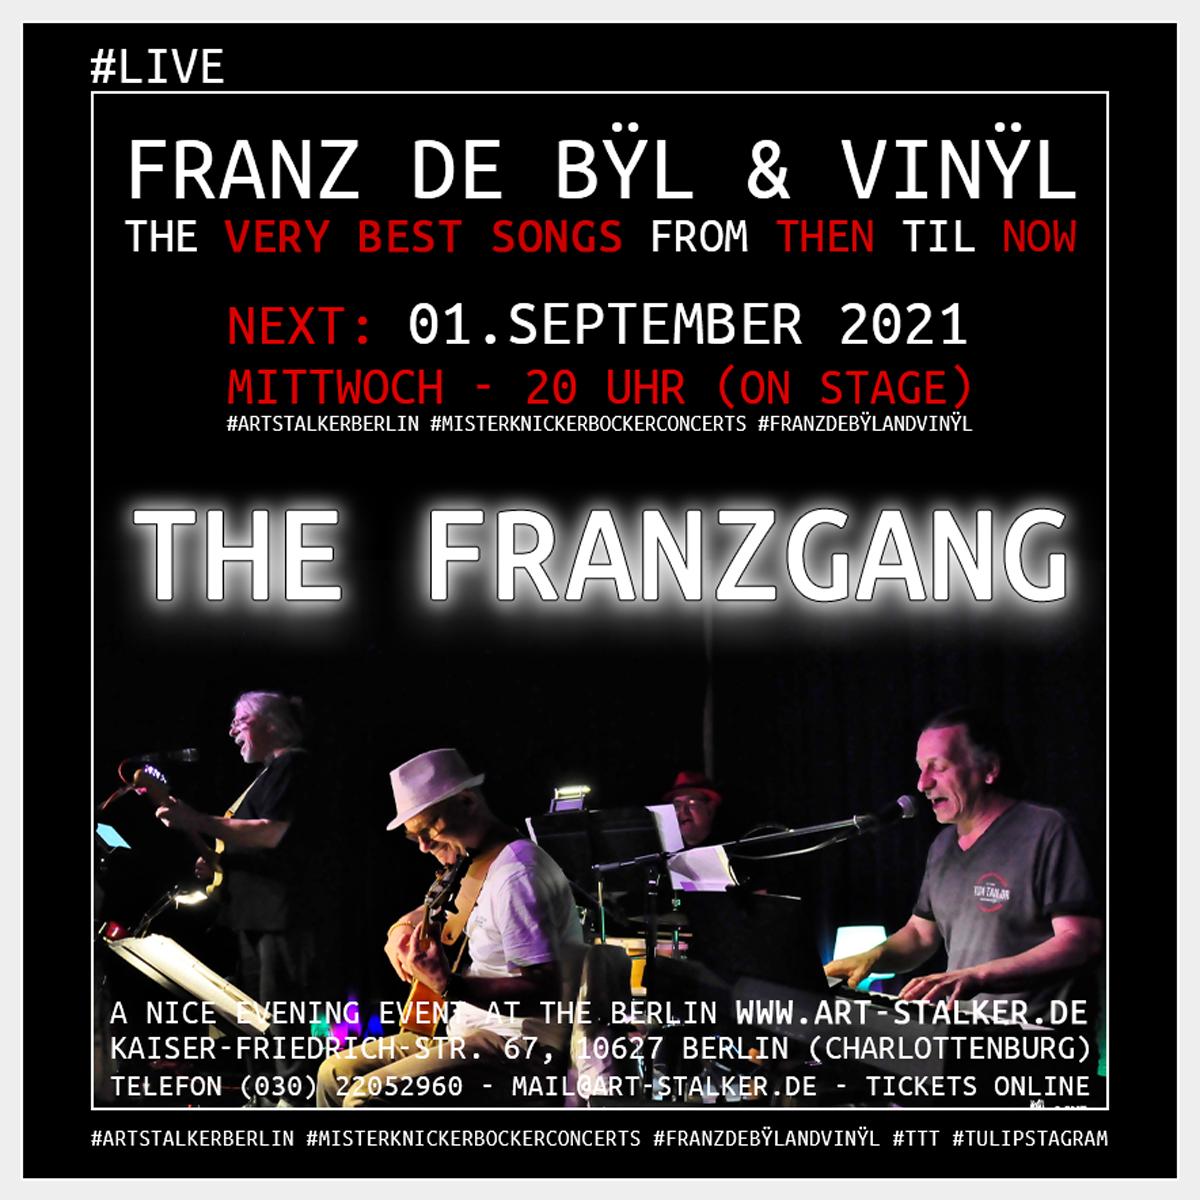 The Franzgang - Next: 01. September 2021 (Mittwoch) 20 Uhr (on stage) #Artstalkerberlin #MrKnickerbockerConcerts #FranzdeBÿlandVinÿl #TTT #Tulipstagram